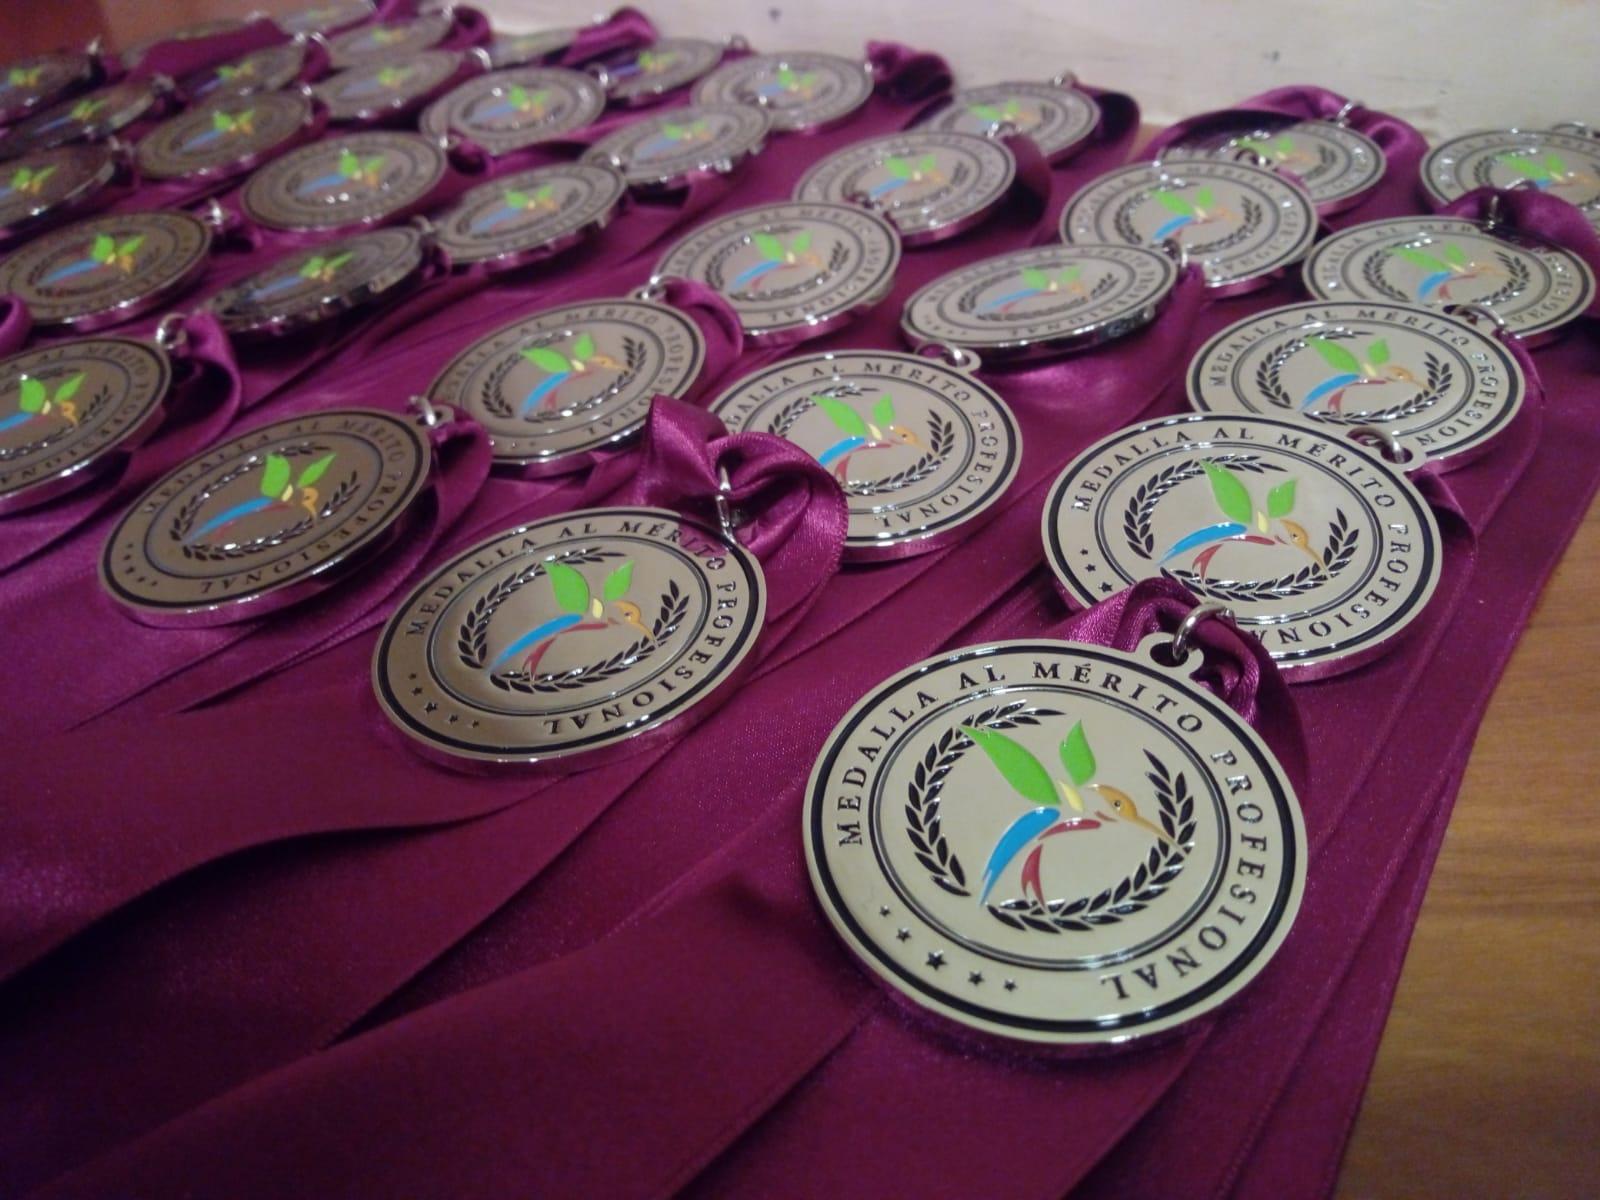 Gala Medallas al Mérito Profesional 2019